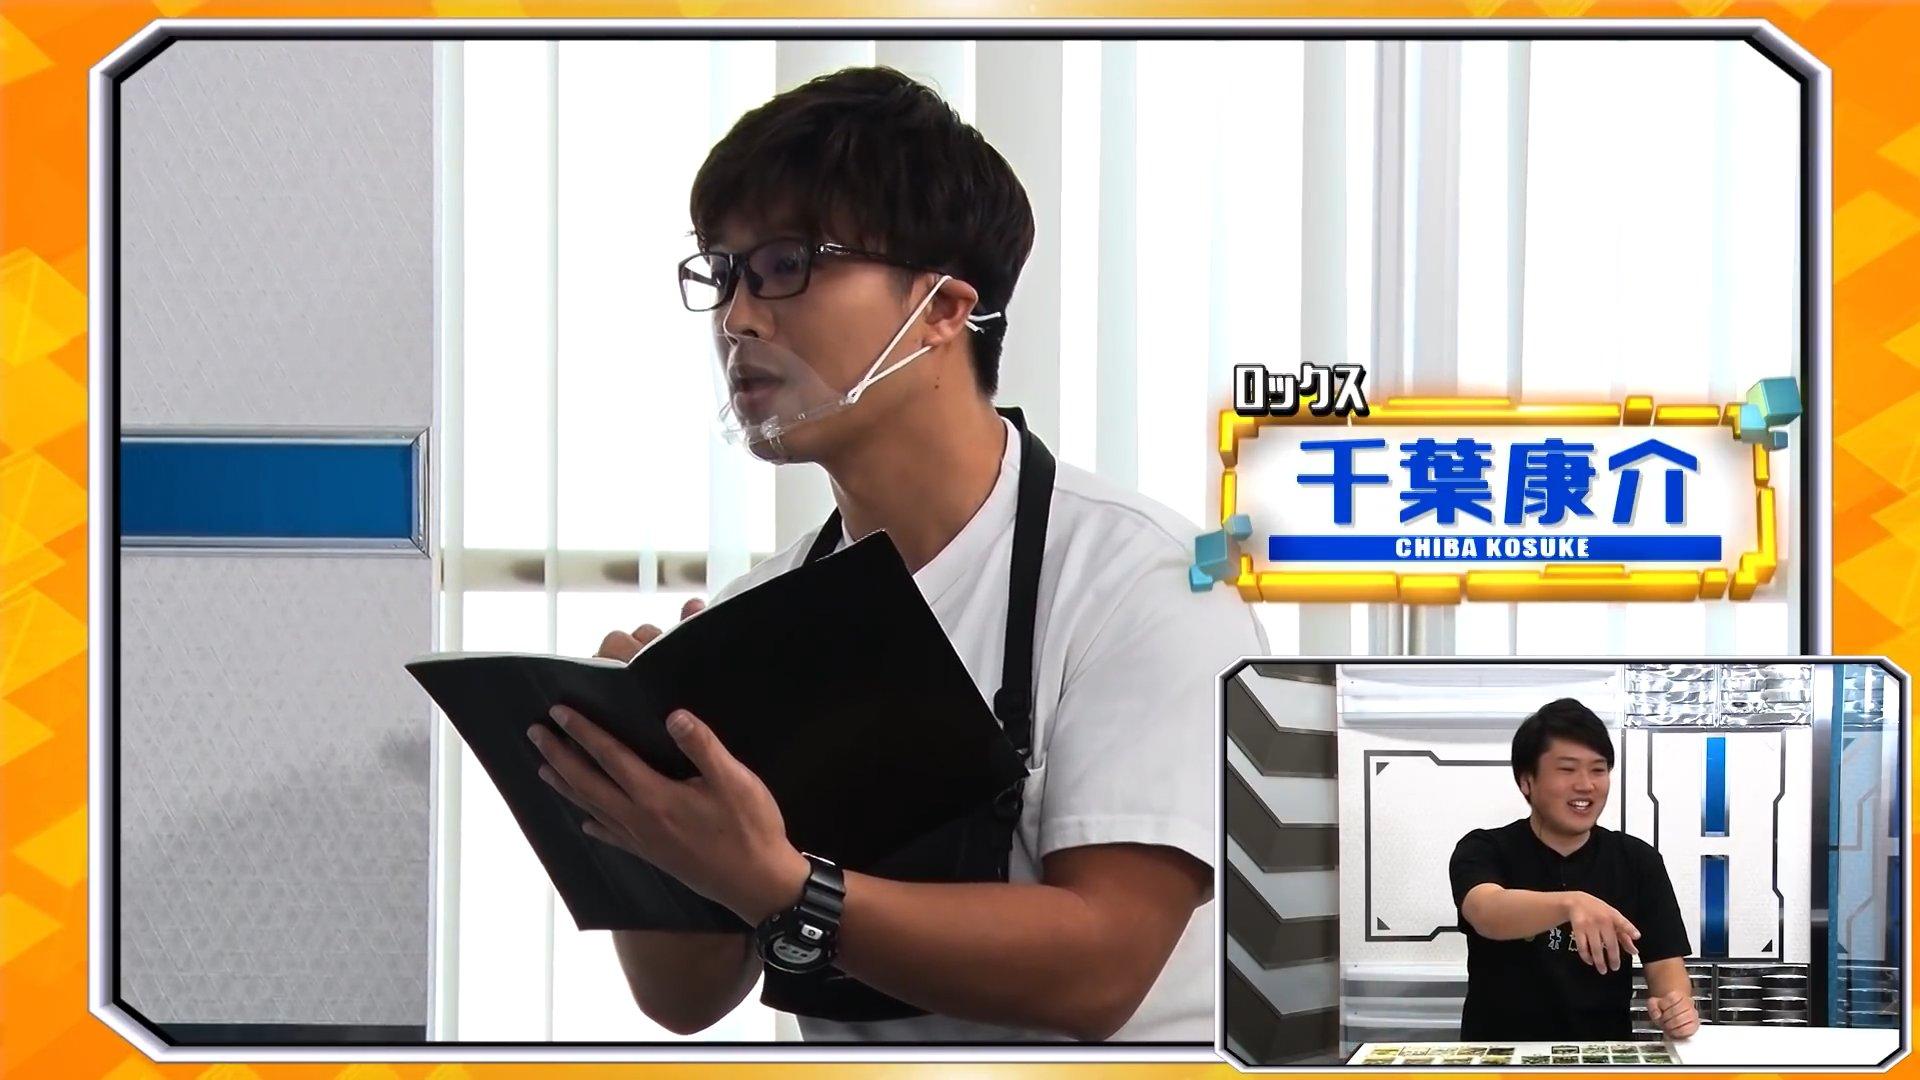 digimoncardbattle_v2_11_03_december11_2020.jpg